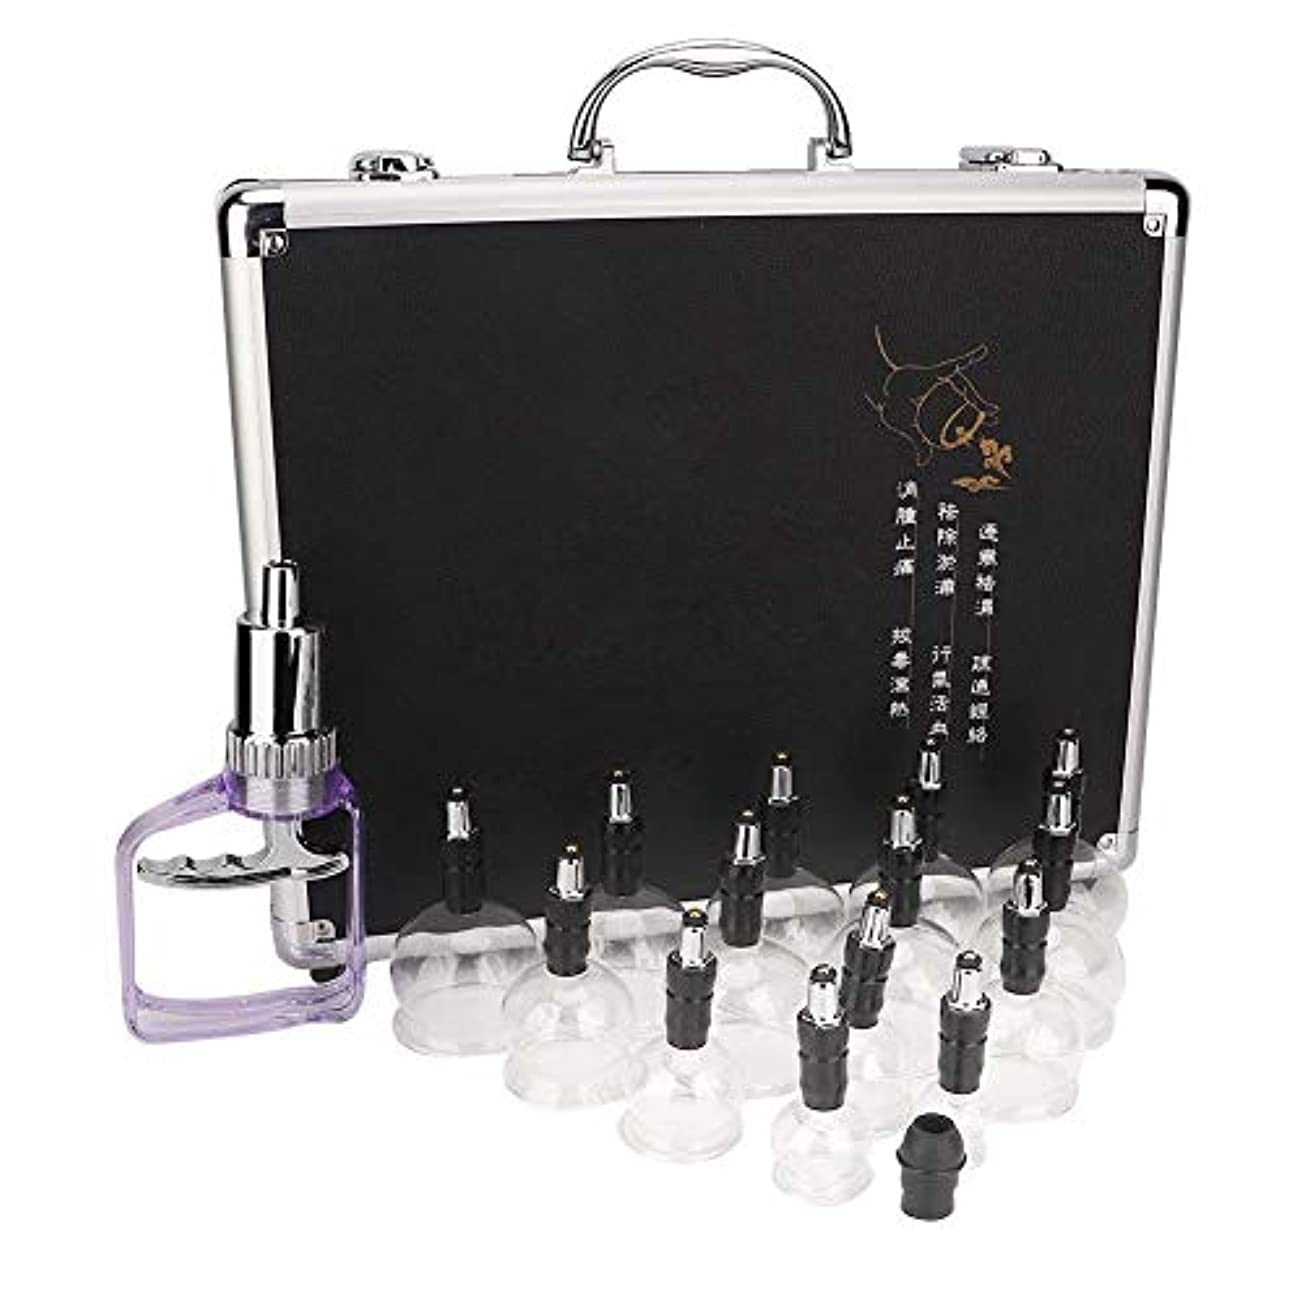 アジャ葡萄クスコ14ピースプロフェッショナル吸引カップジャー真空カッピングセット、カッピングセットマッサージ療法マッサージカッピングツール